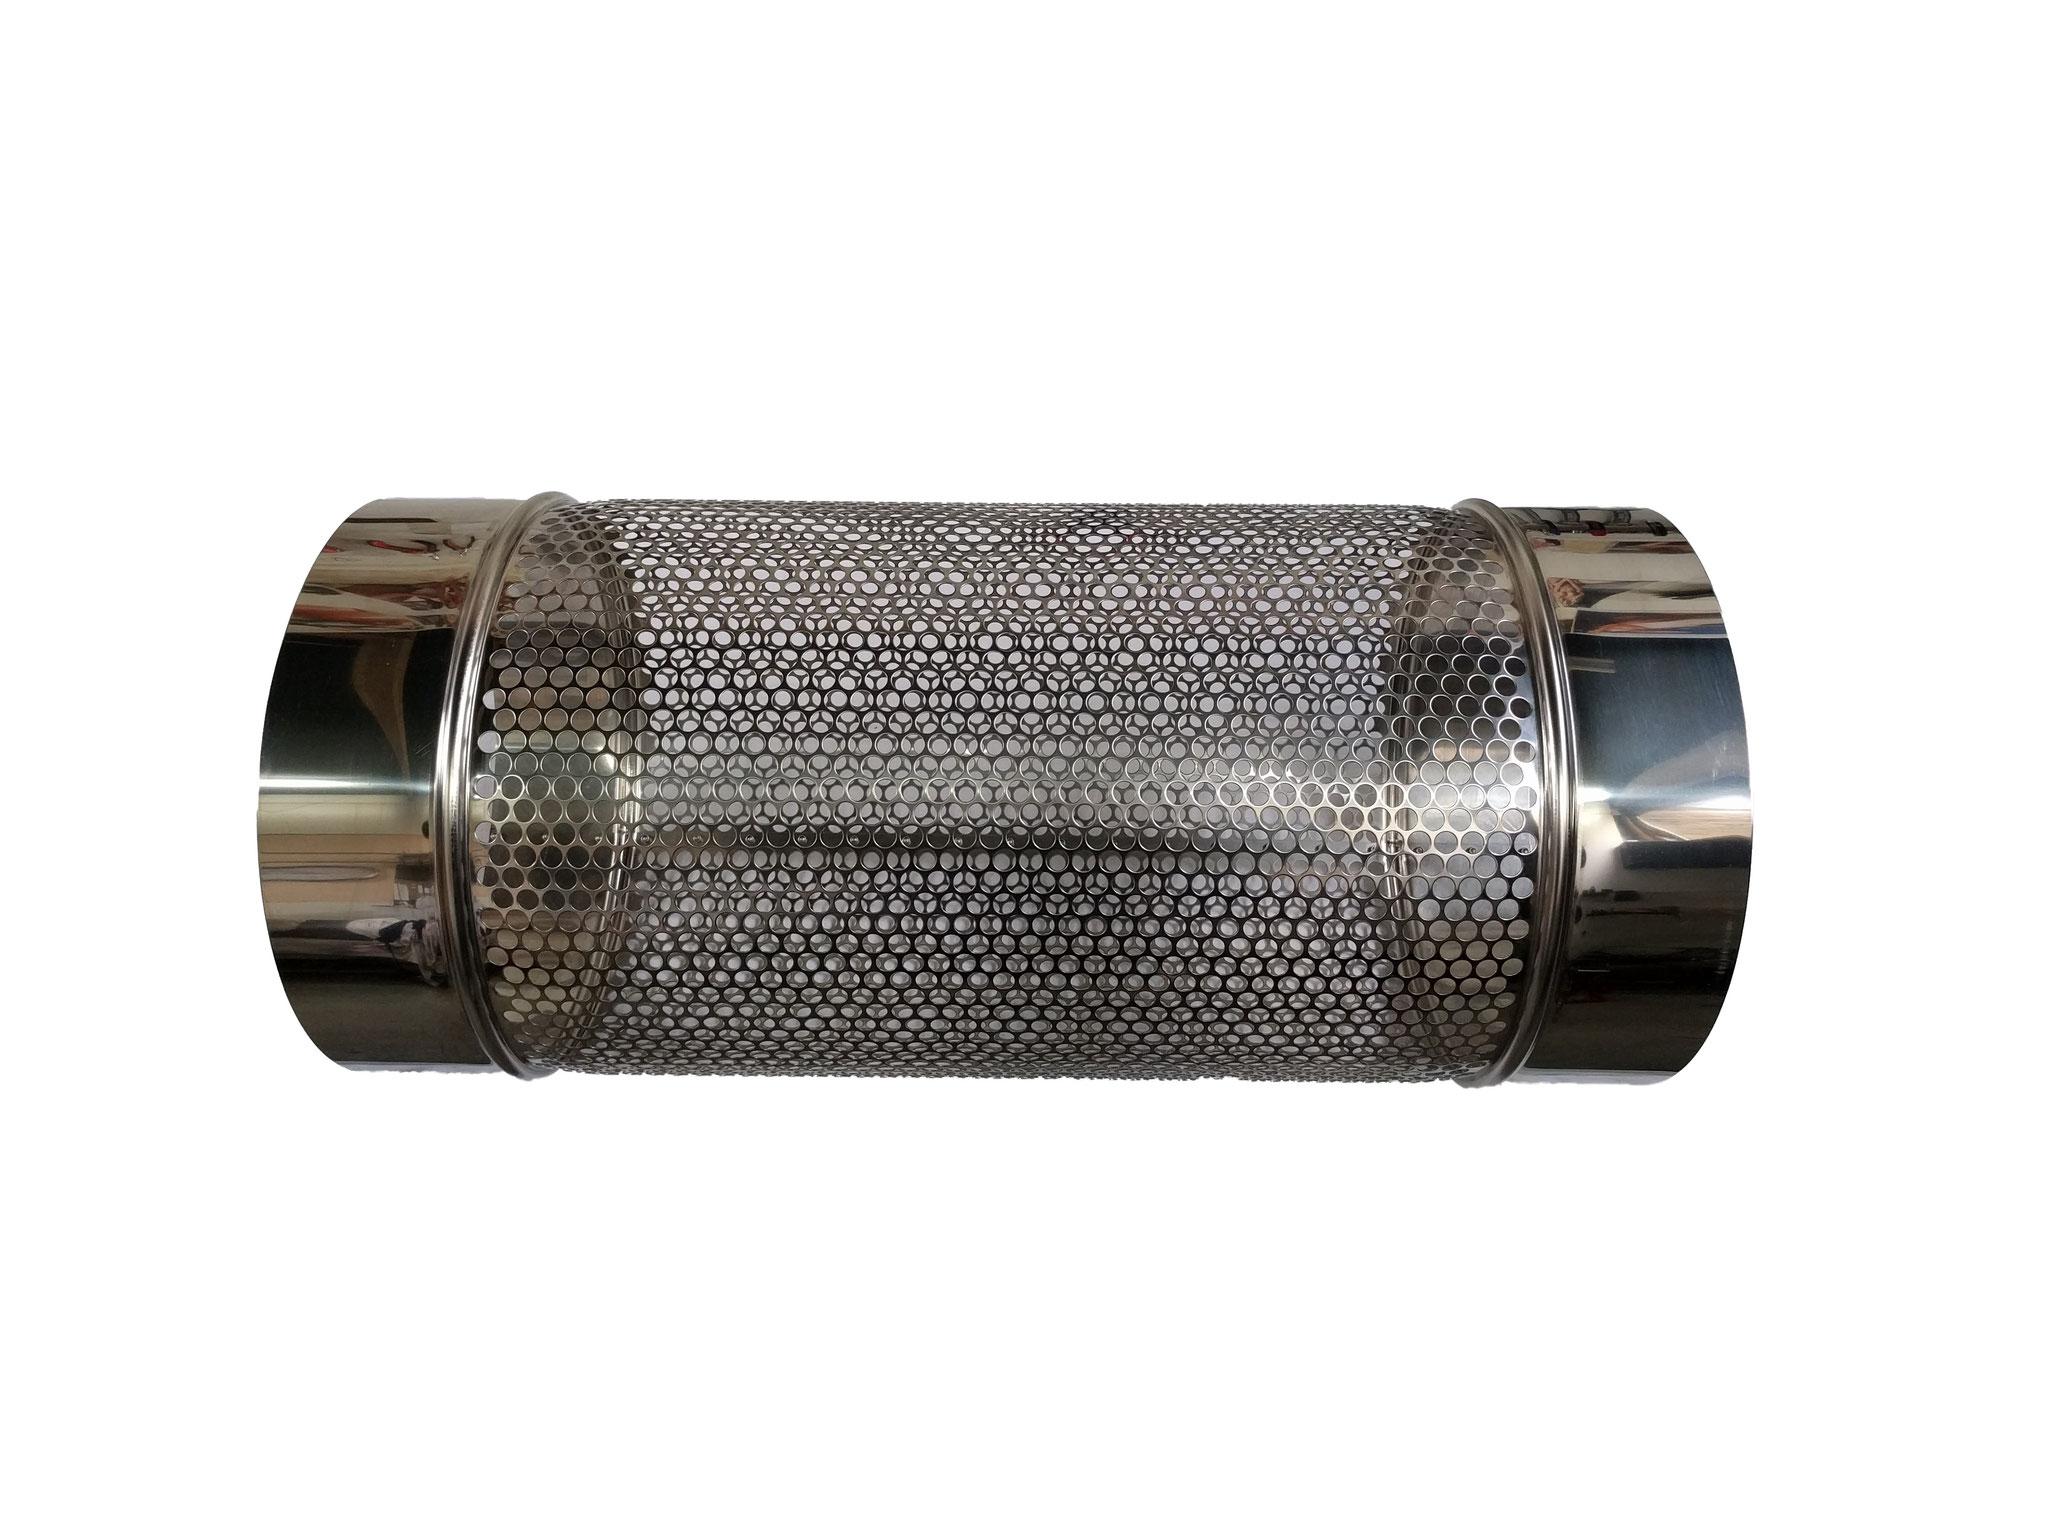 Siebrohr für 315er KG Rohr (DN 300) einseitig verschlossen